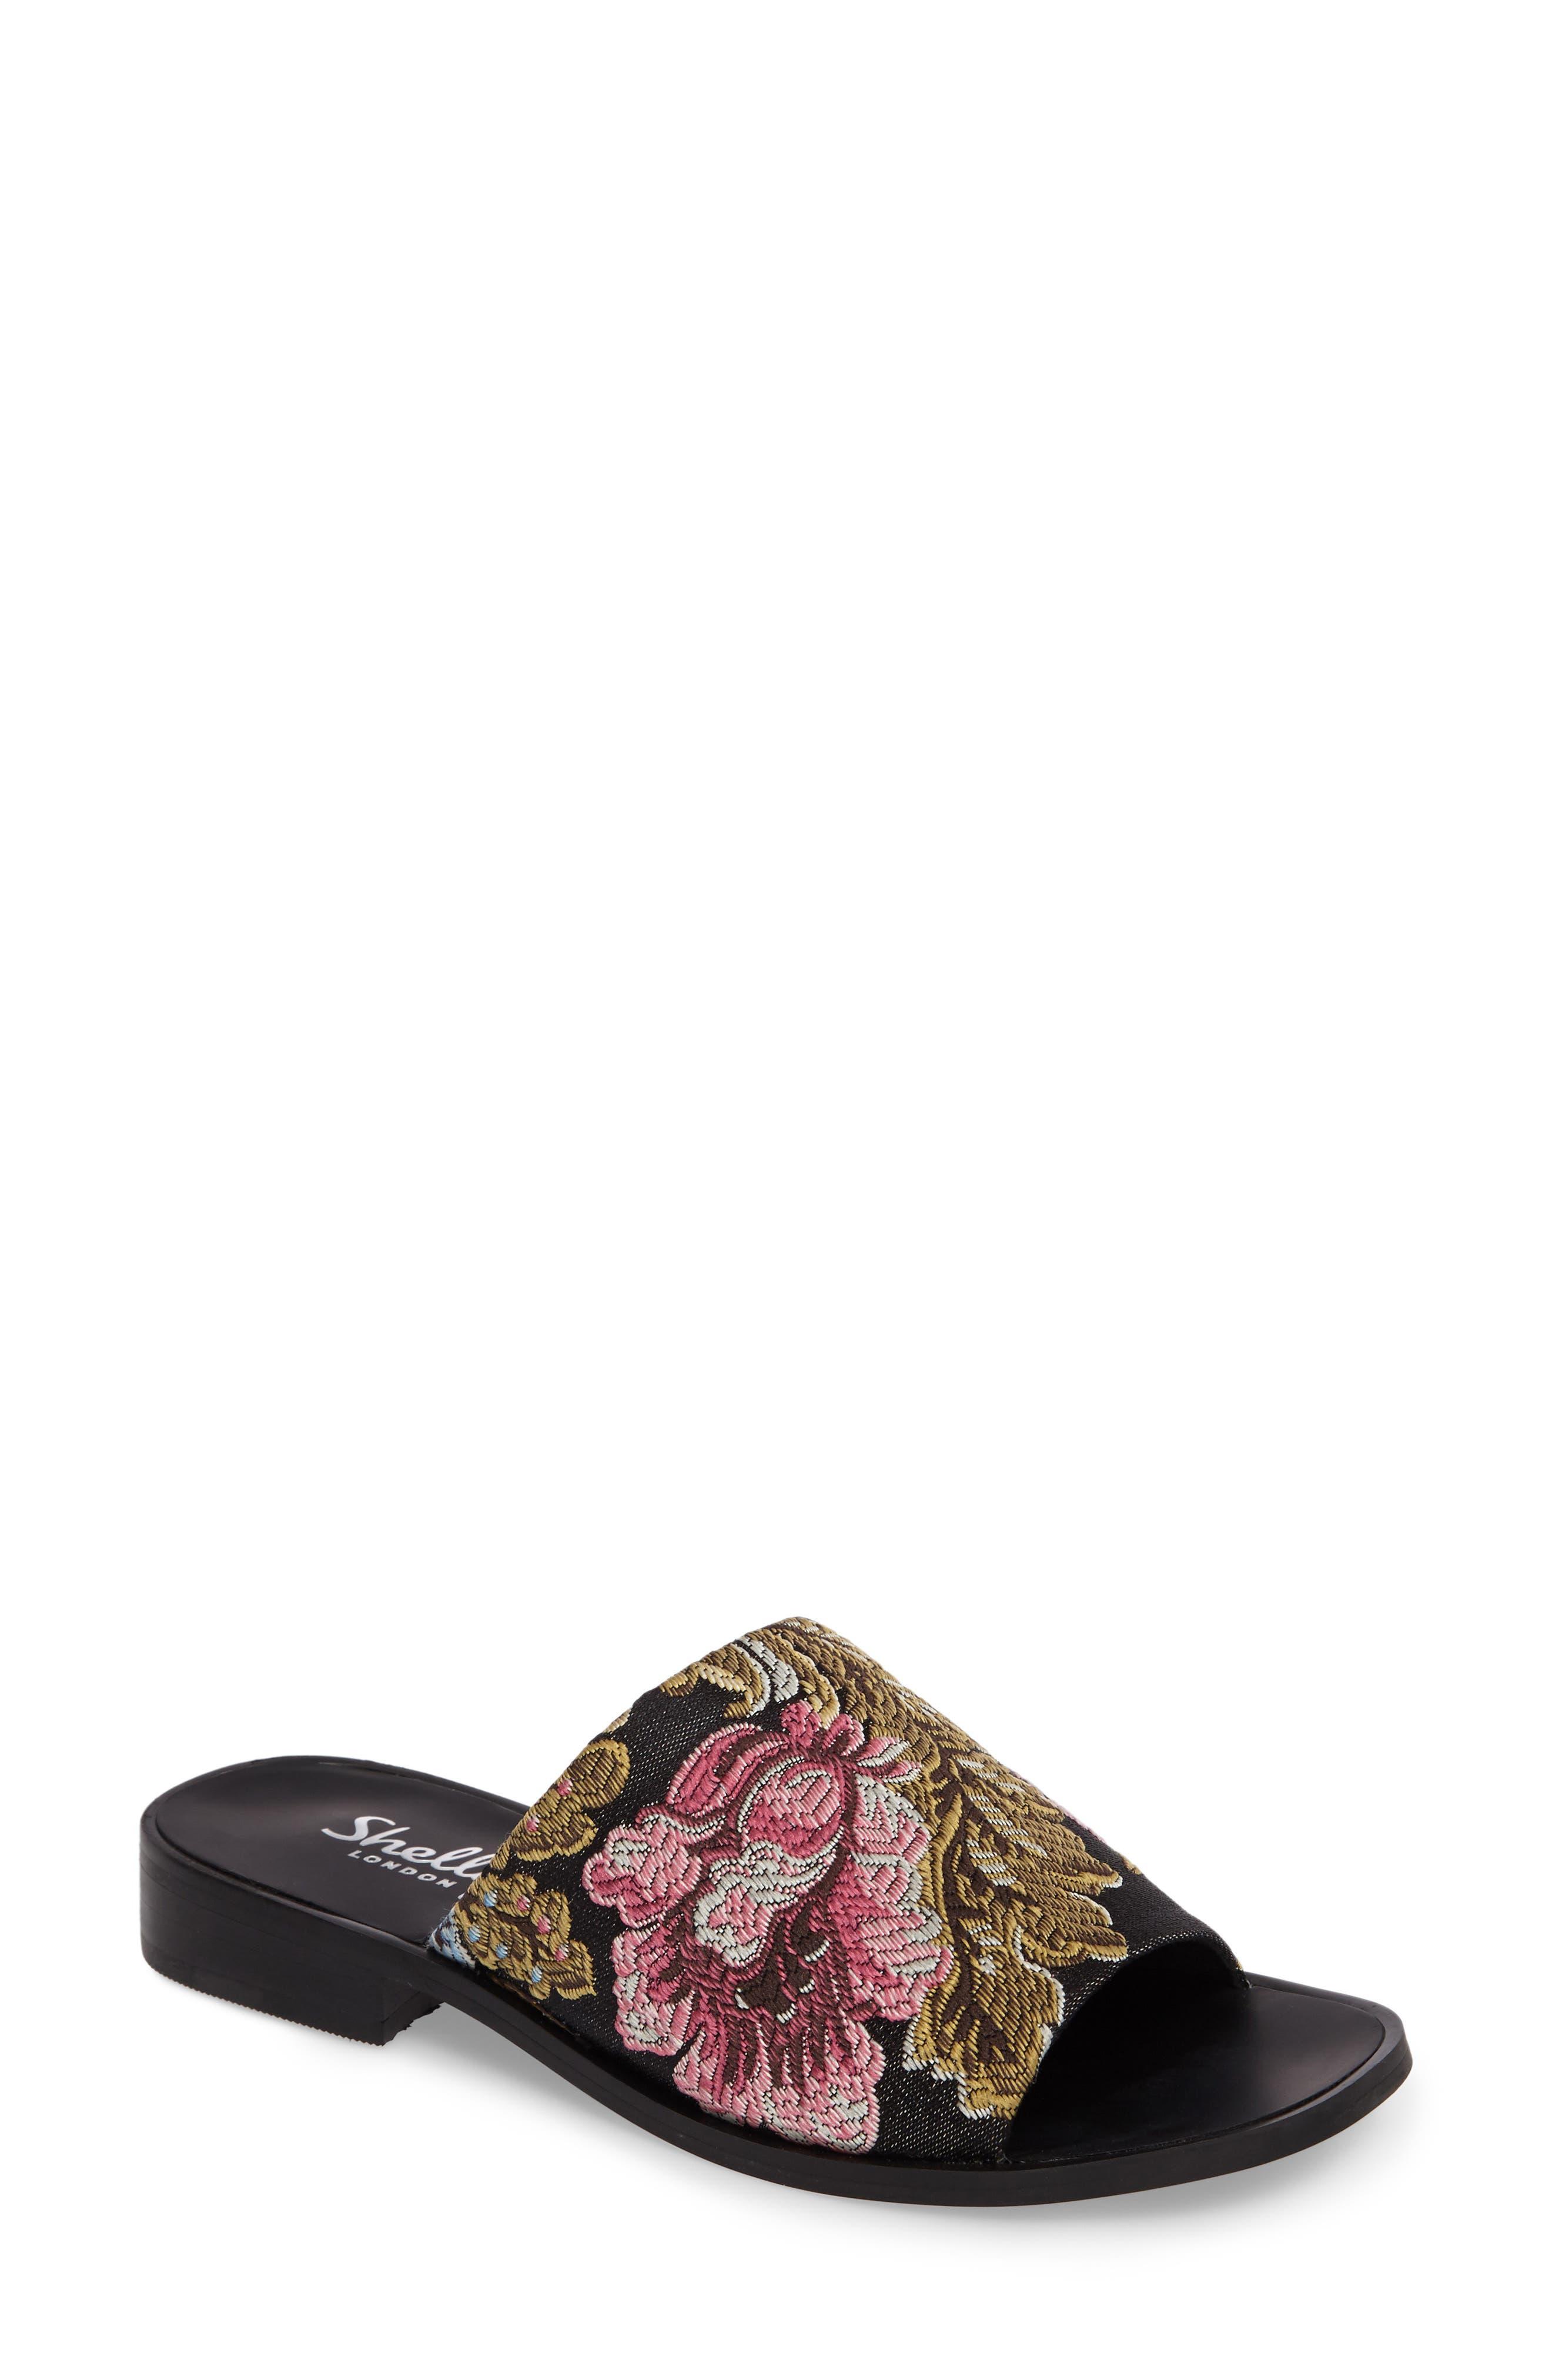 Enya Brocade Slide Sandal,                             Main thumbnail 1, color,                             001